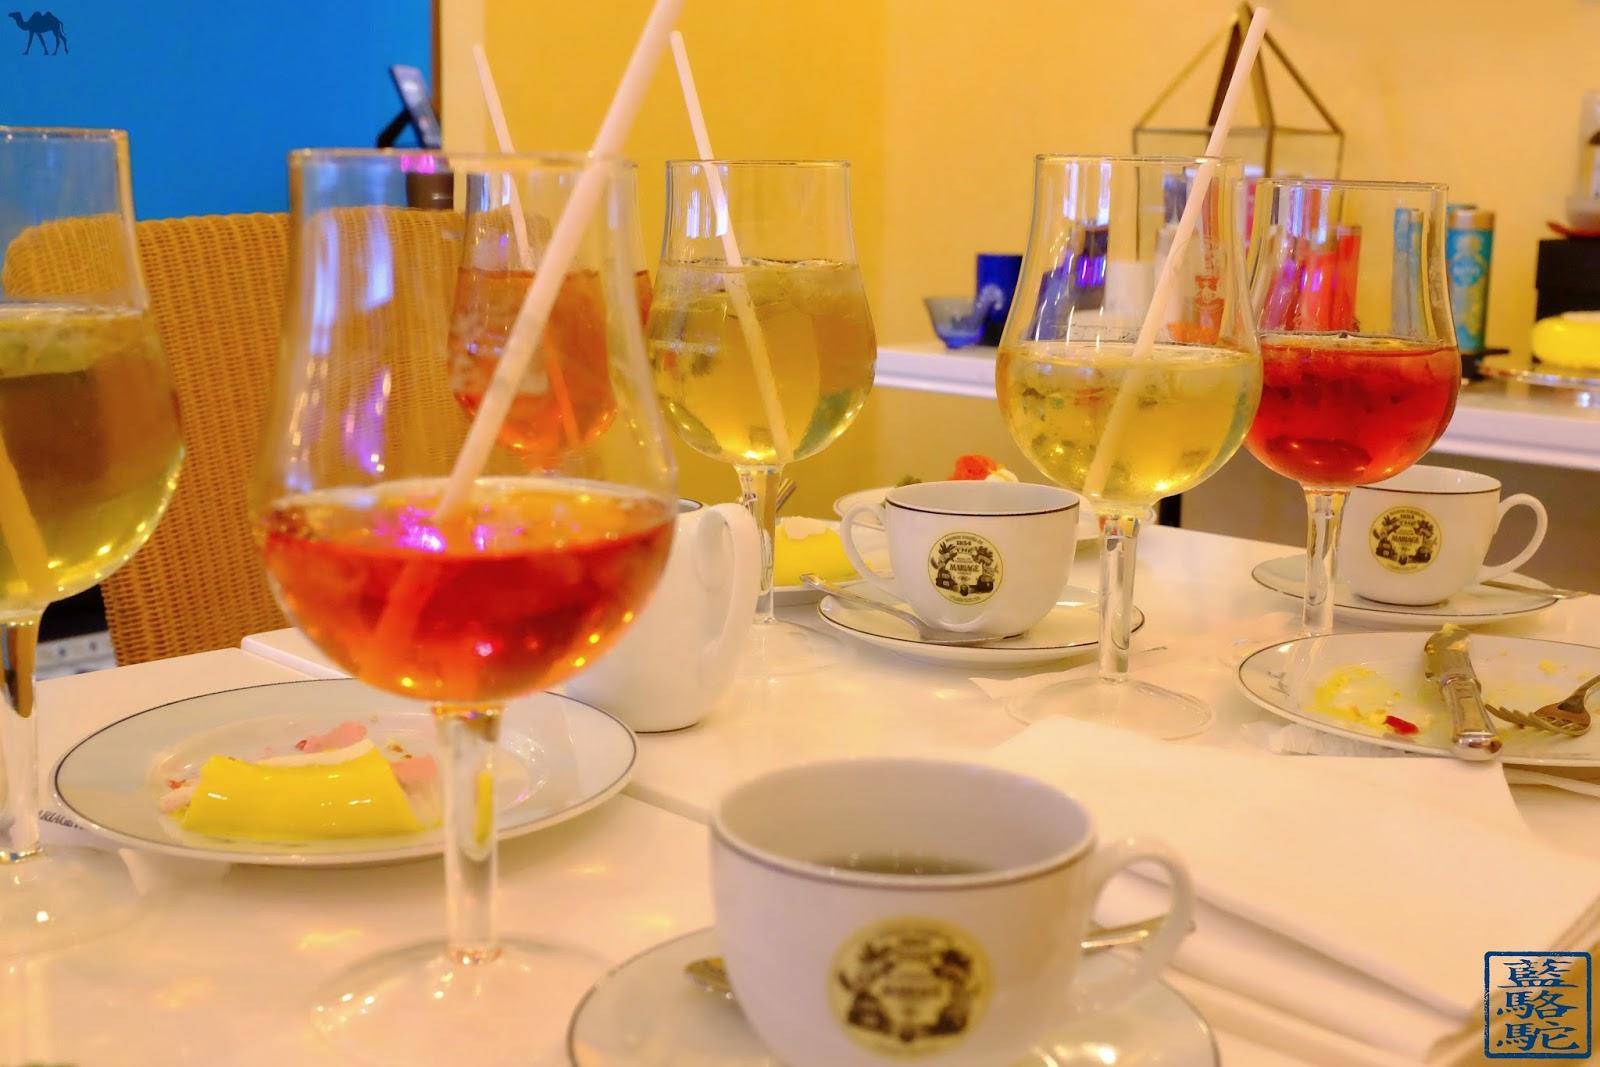 Le Chameau Bleu - Blog Voyage et Gastronomie - Thé d'été De chez Mariage Frères Paris